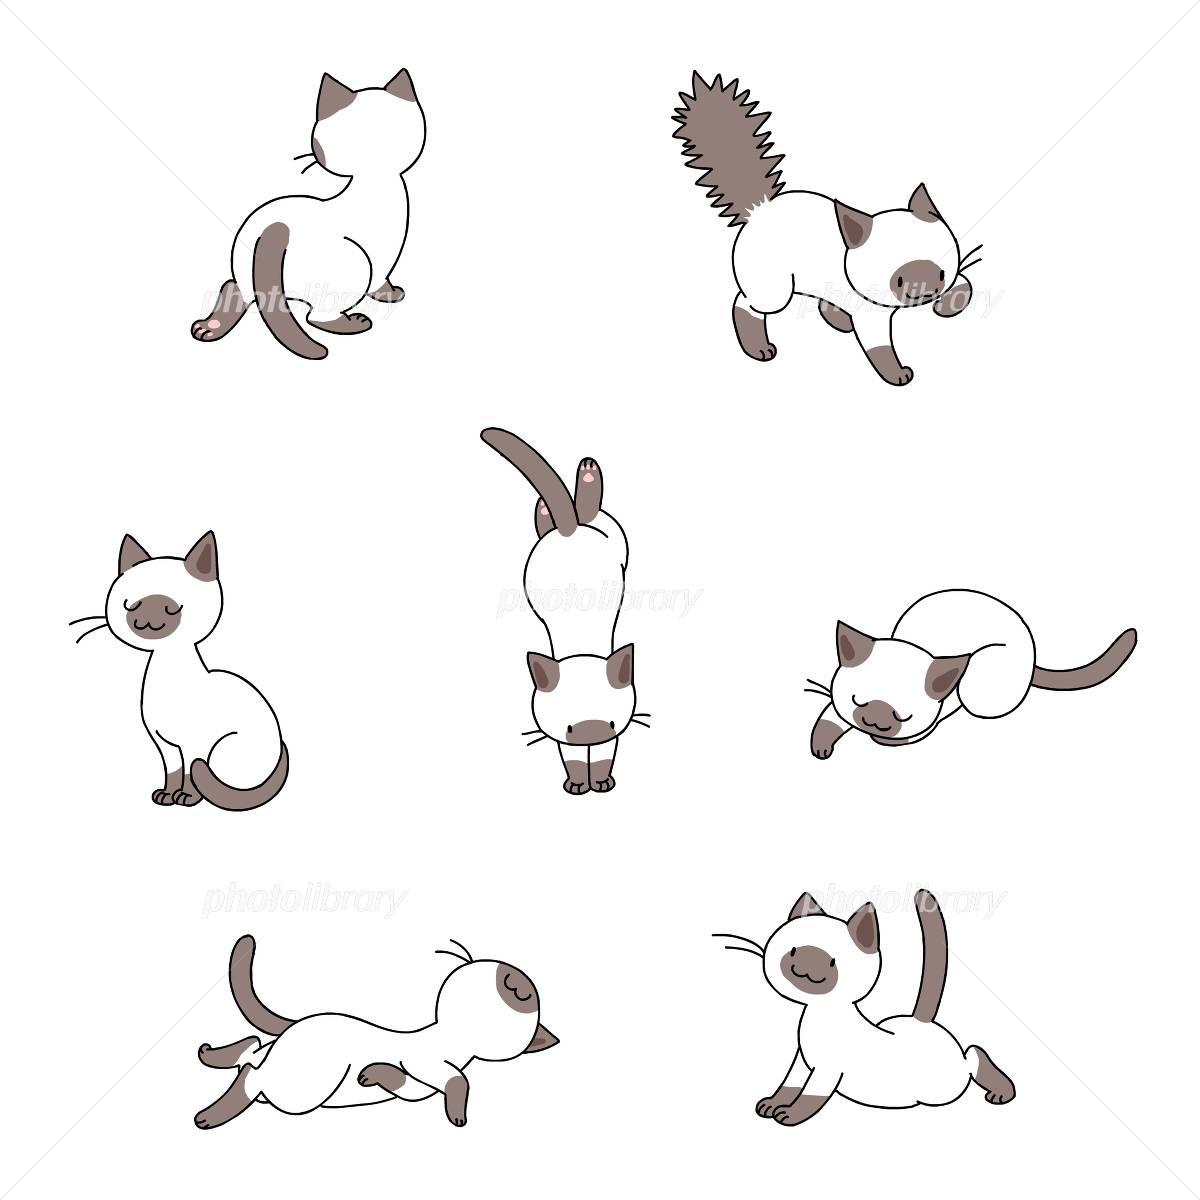 猫シャム イラスト素材 2422167 無料 フォトライブラリー